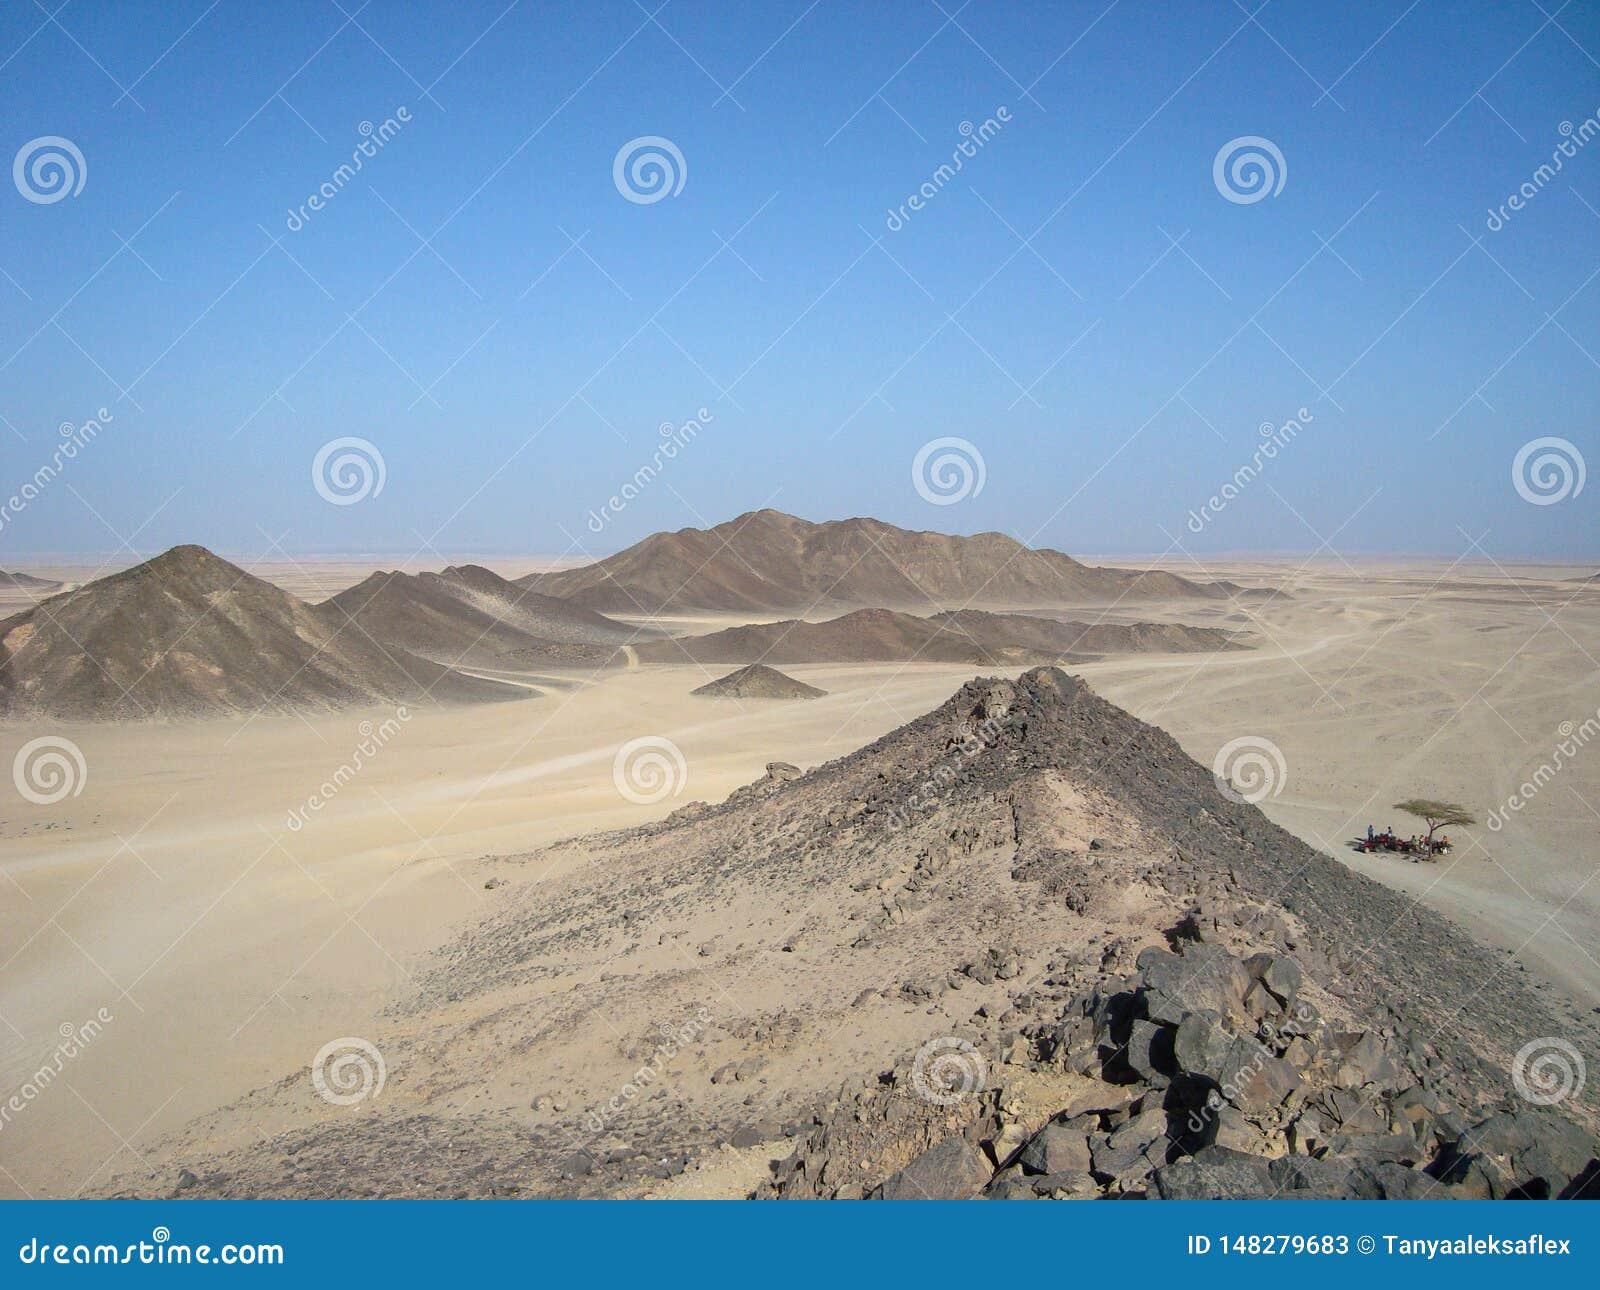 Arabische W?ste Die Ansicht von der Spitze des Berges